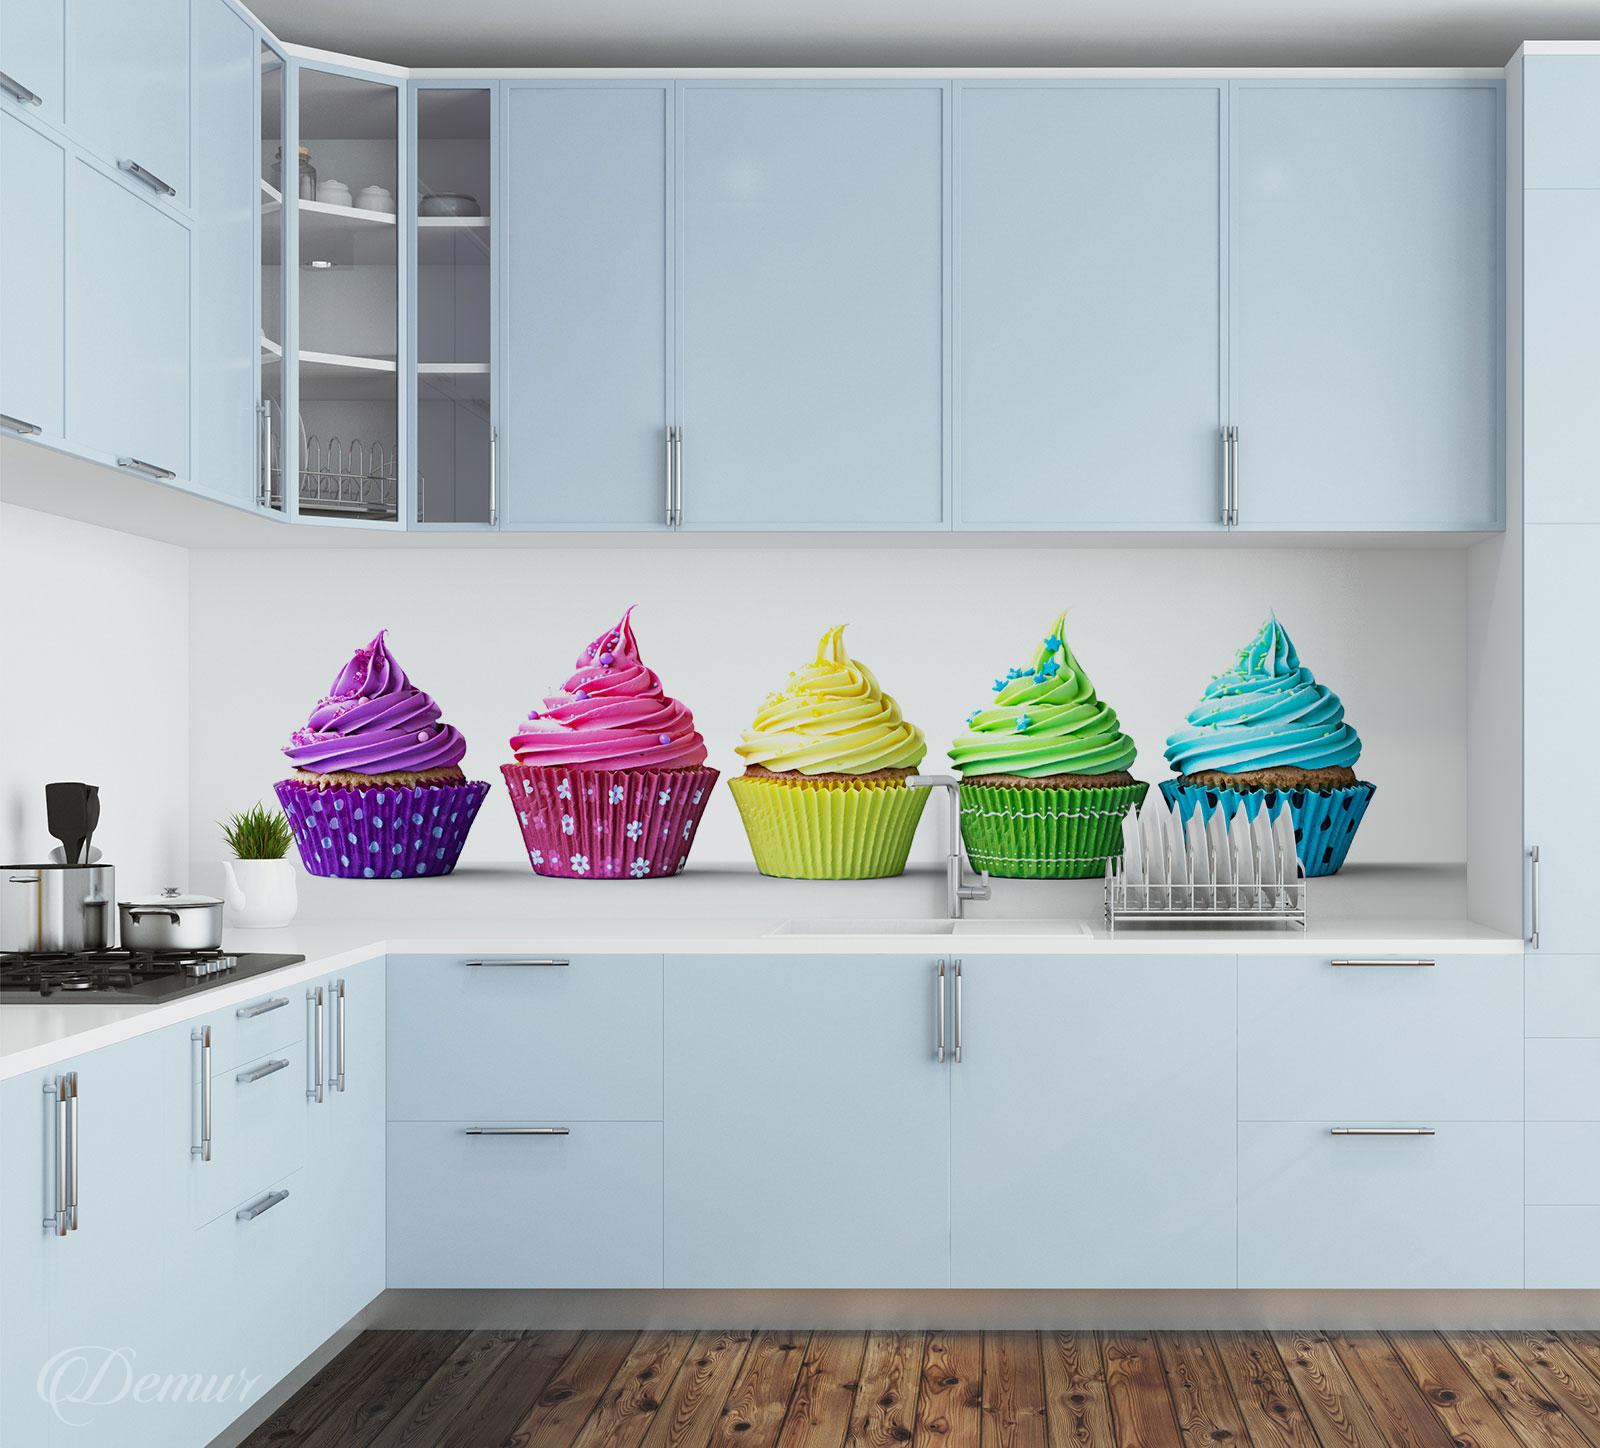 Fototapeta z kolorowymi babeczkami na białym tle - Dostępna na Demur.pl